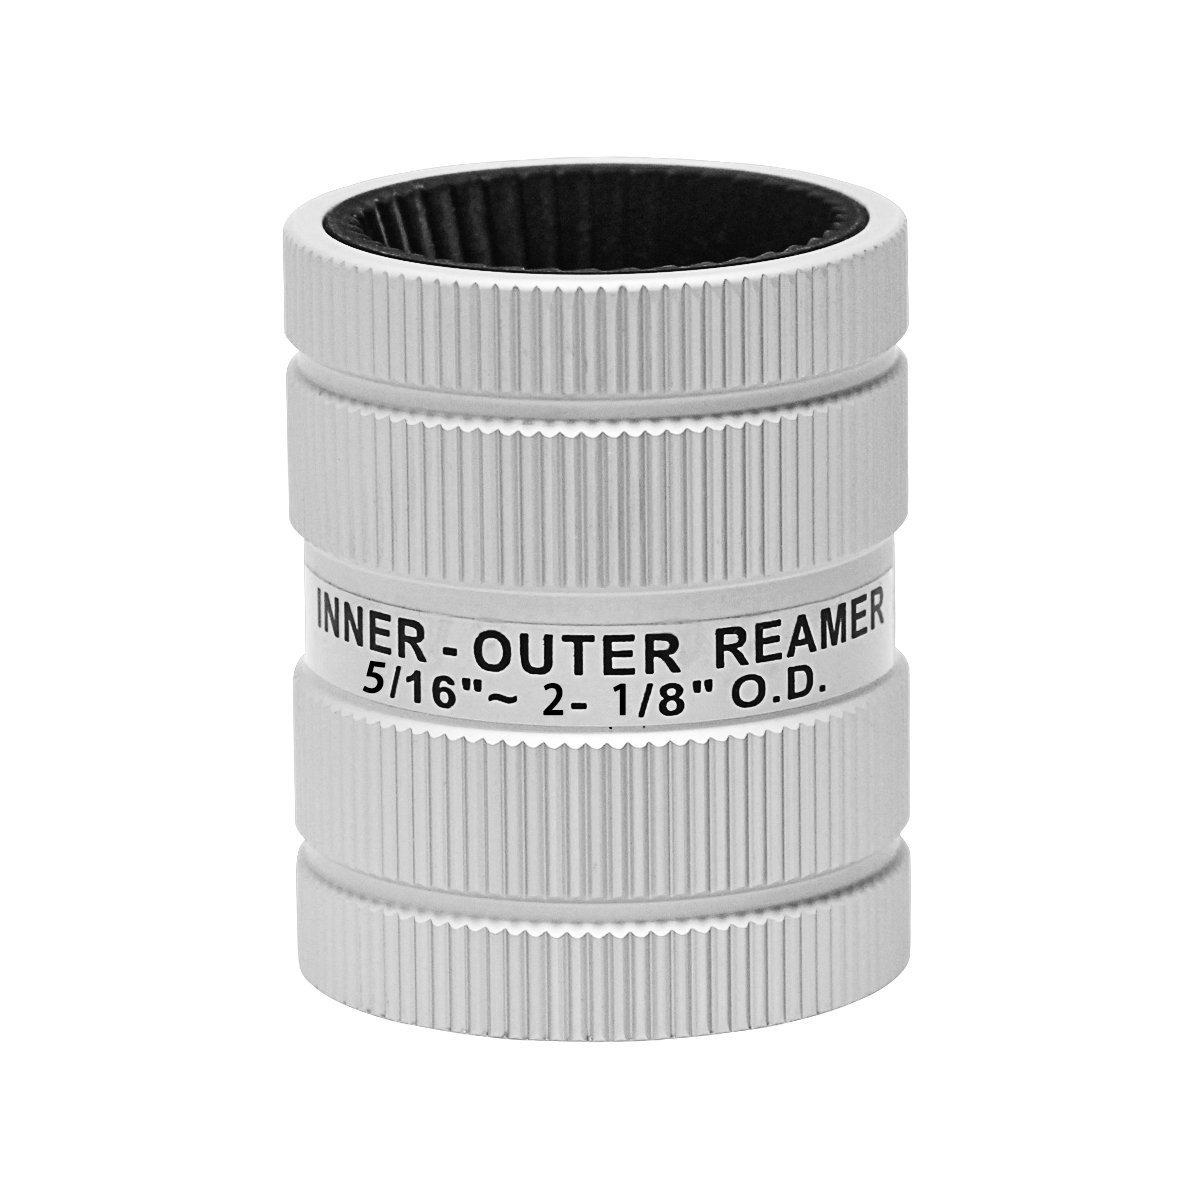 Wisamic Edelstahl-Reamer, 5/16 Zoll, 2– 1/8 Zoll innen/auß en Reamer, Kupfer-Reamer, deburring, 6– 54 mm